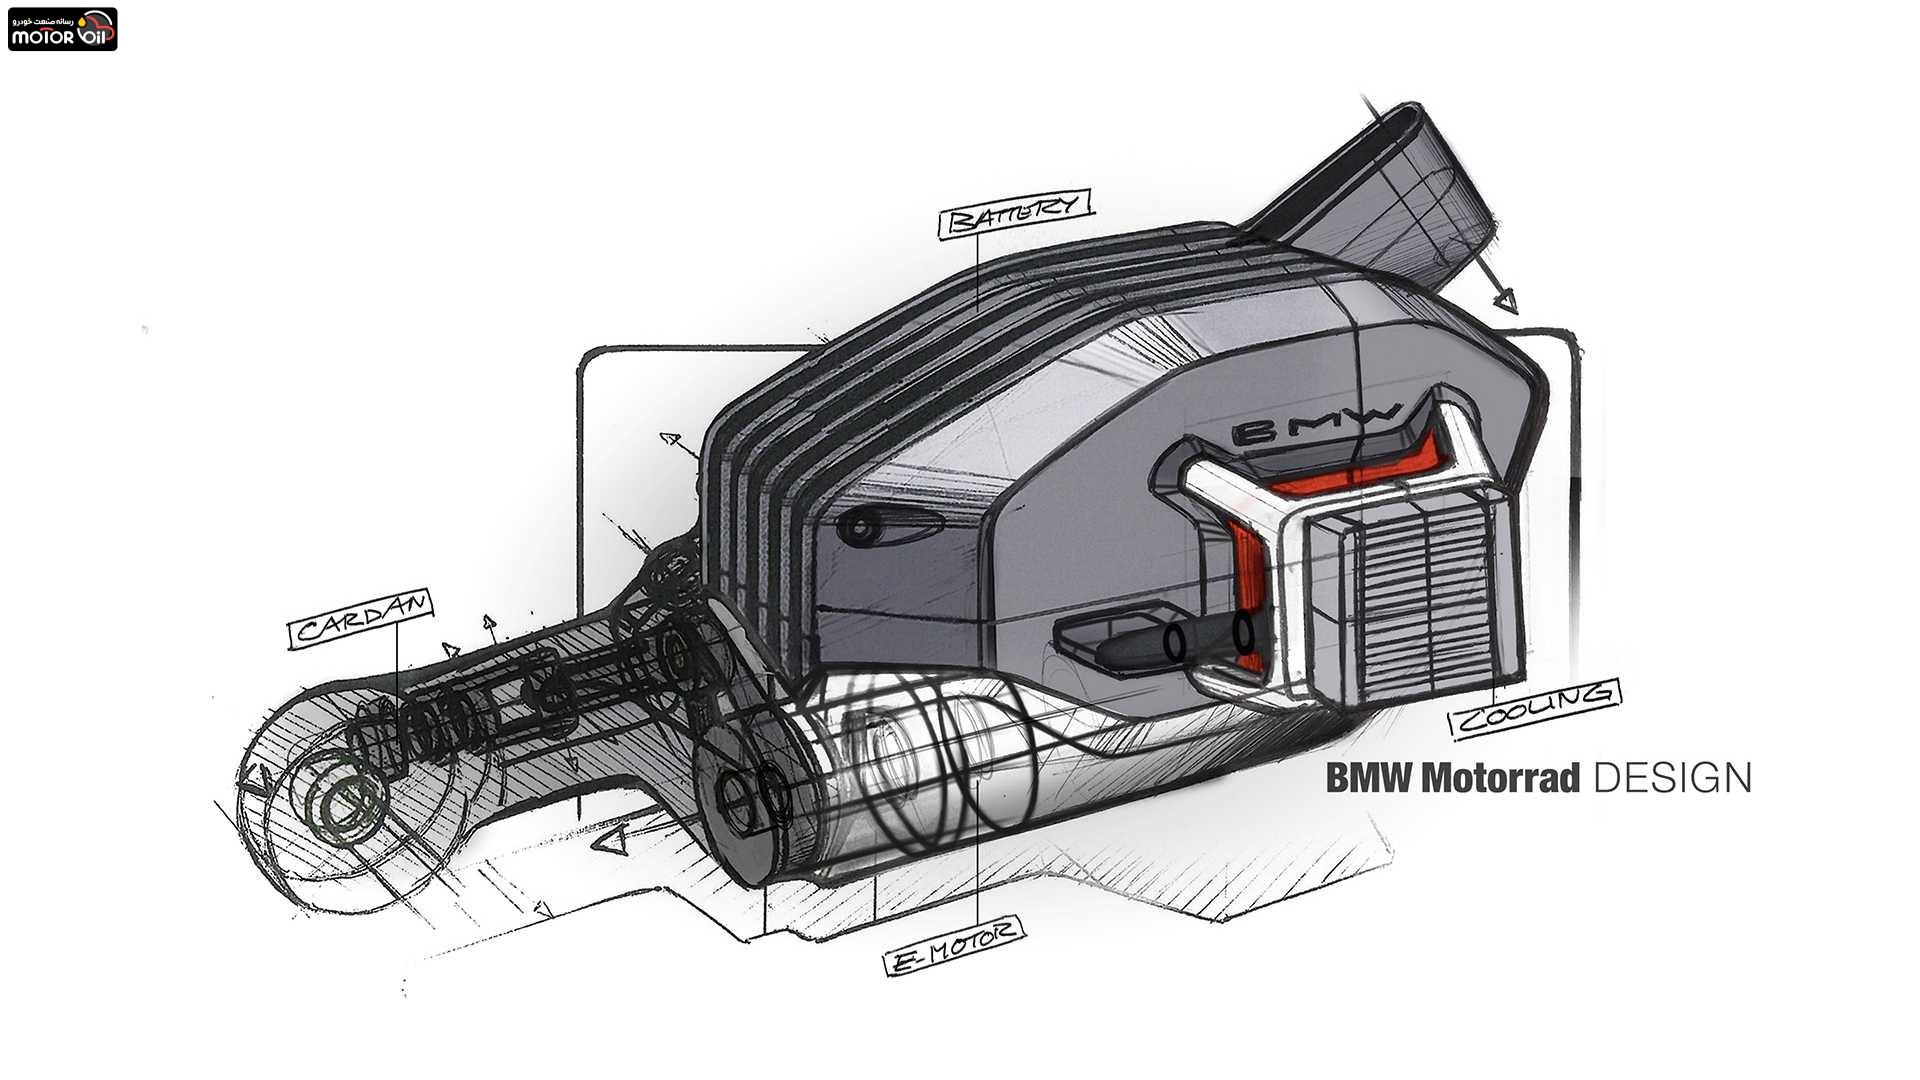 موتور سيكلت برقي بي ام و ویژن دیسی رودستر